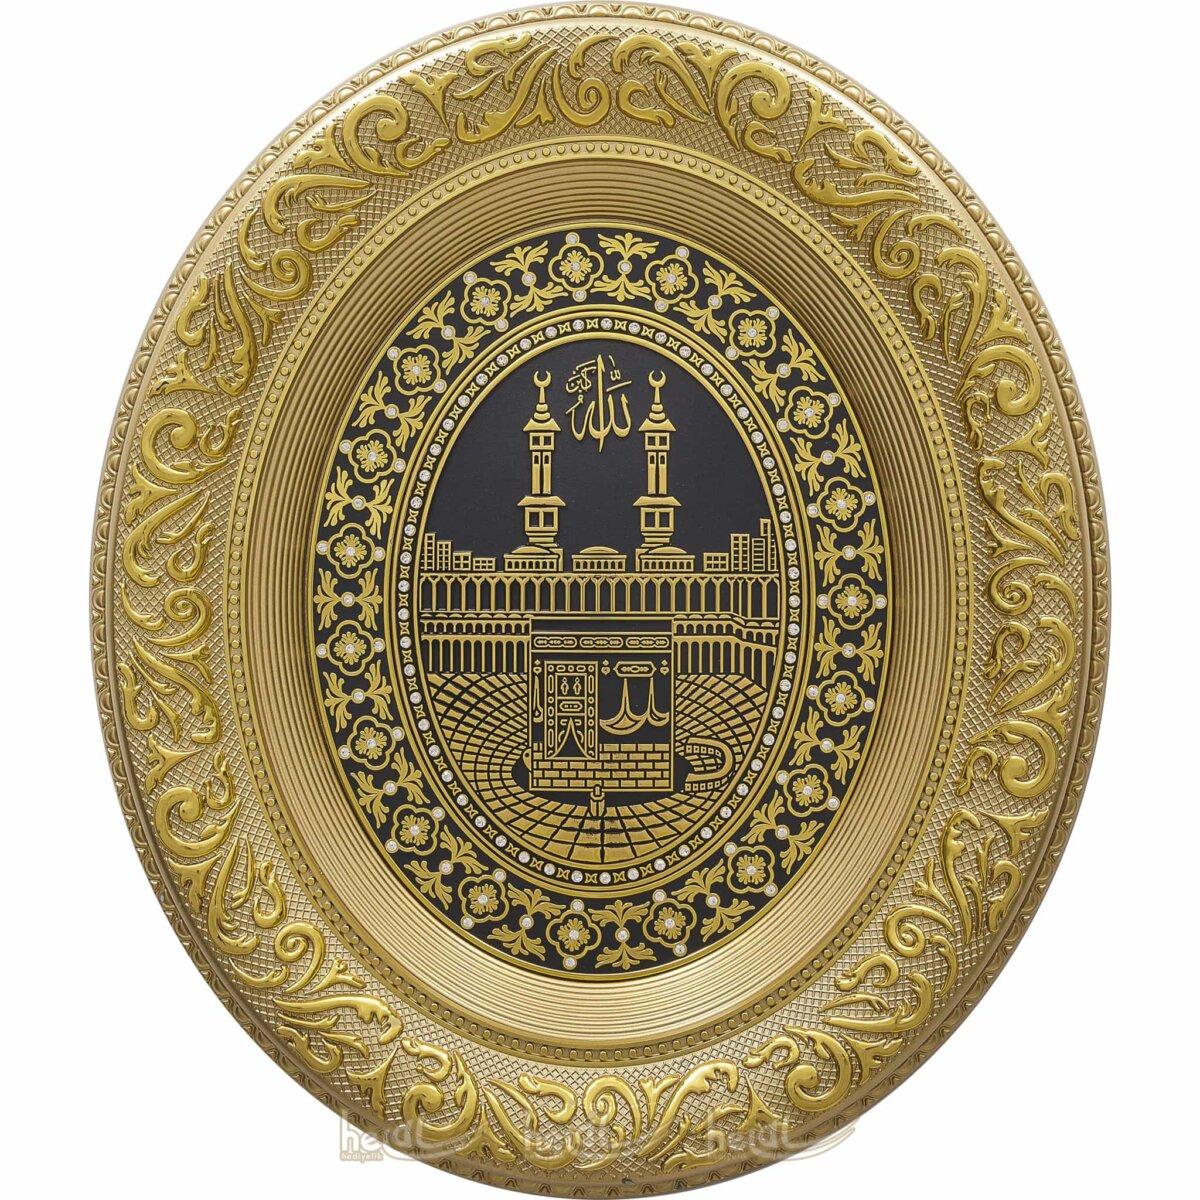 44x51cm Kabe-i Şerif Az Taşlı Mekke Hac Dini Hediye Oval Camlı Çerçeveli Tablo Kabe